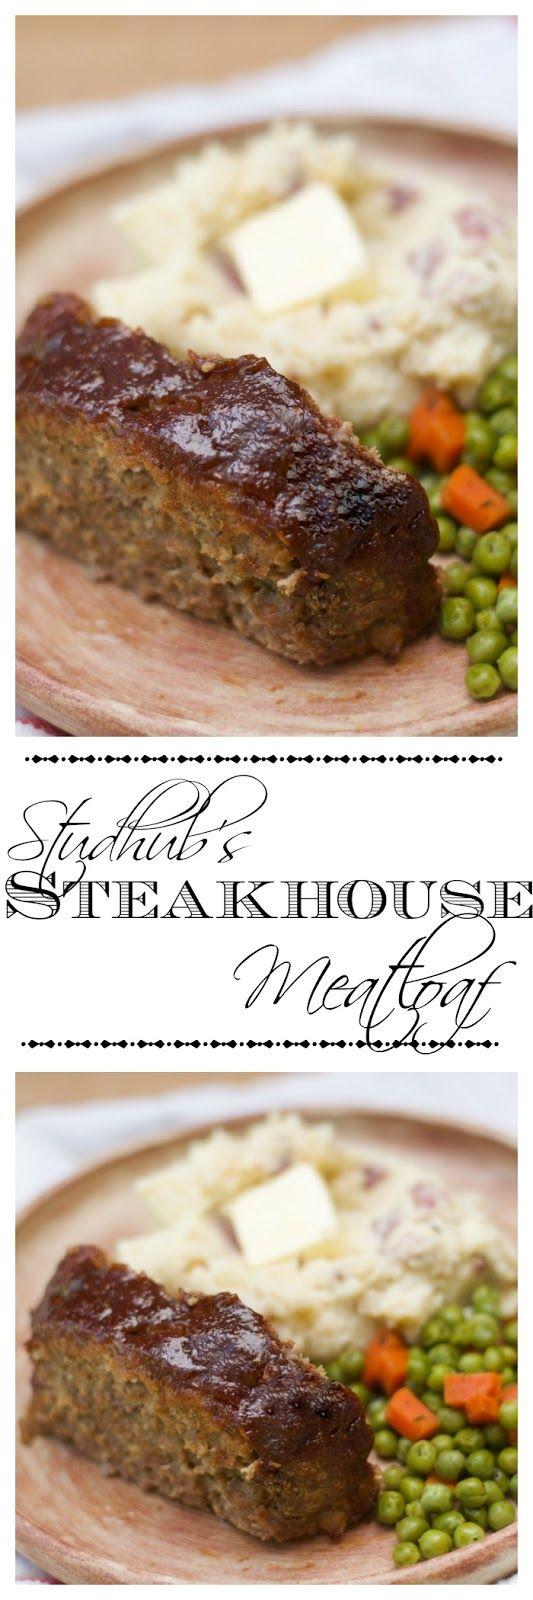 Studhubs-Steakhouse-Meatloaf-Recipe